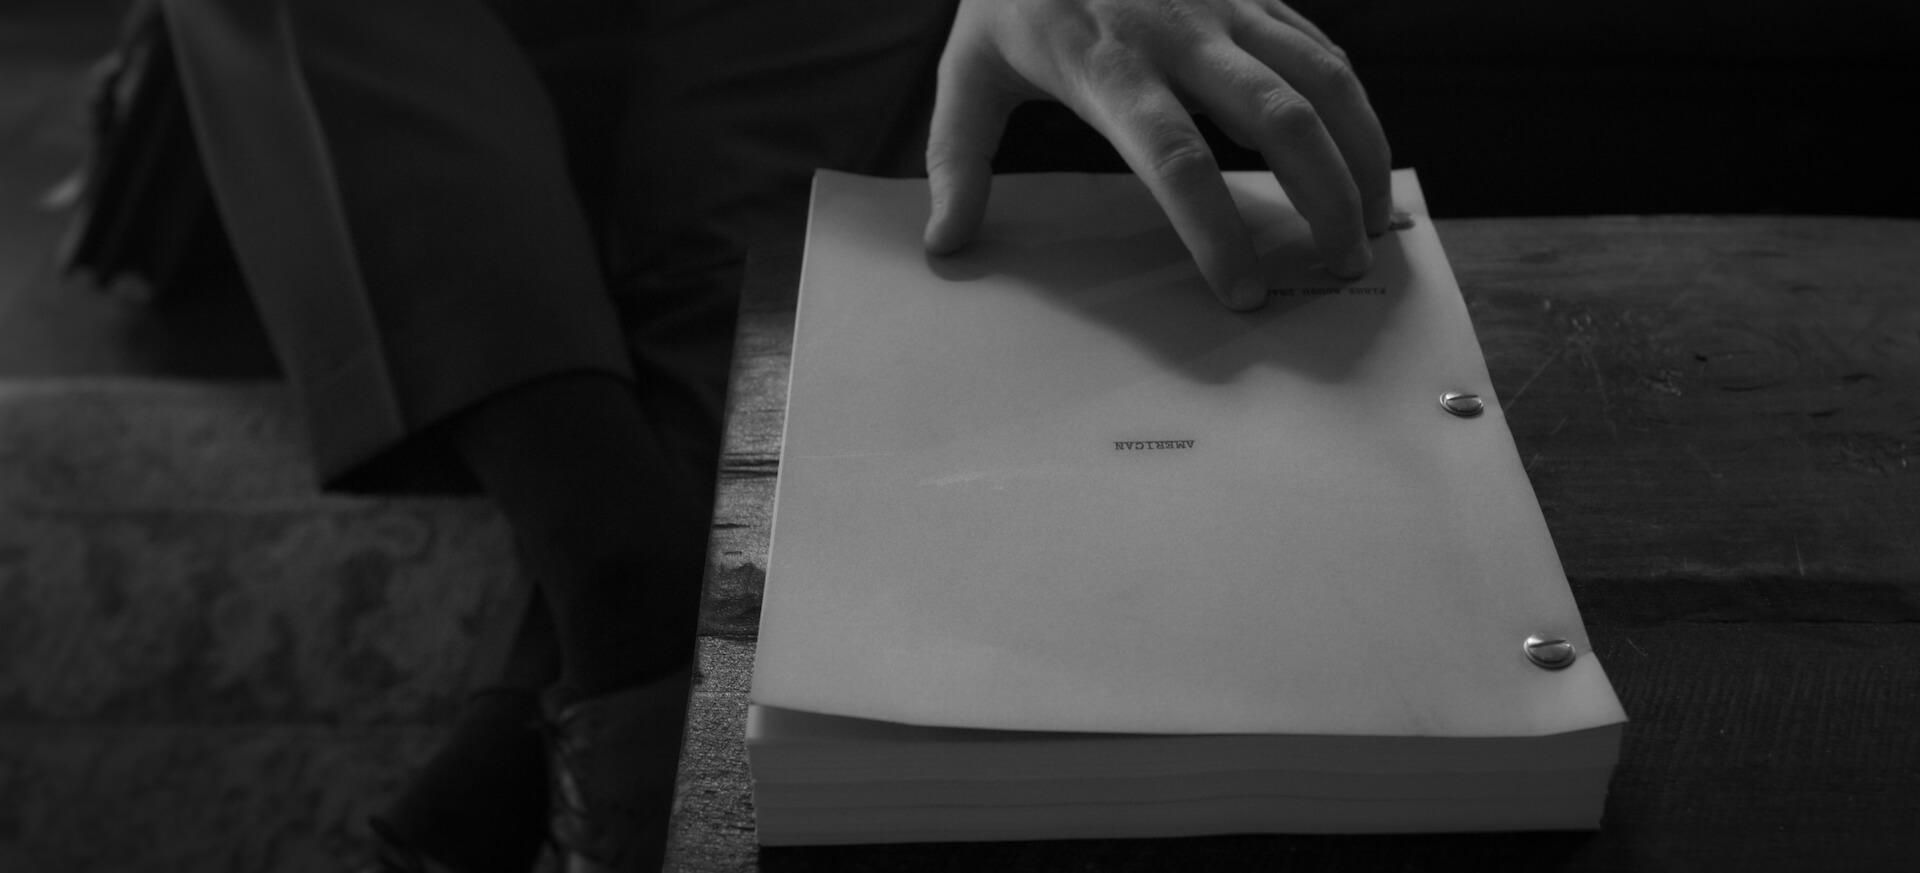 デヴィッド・フィンチャー×ゲイリー・オールドマンで注目のNetflix『Mank/マンク』が全国各地の映画館で上映決定!モノクロで統一された場面写真も解禁 film201104_mank_1